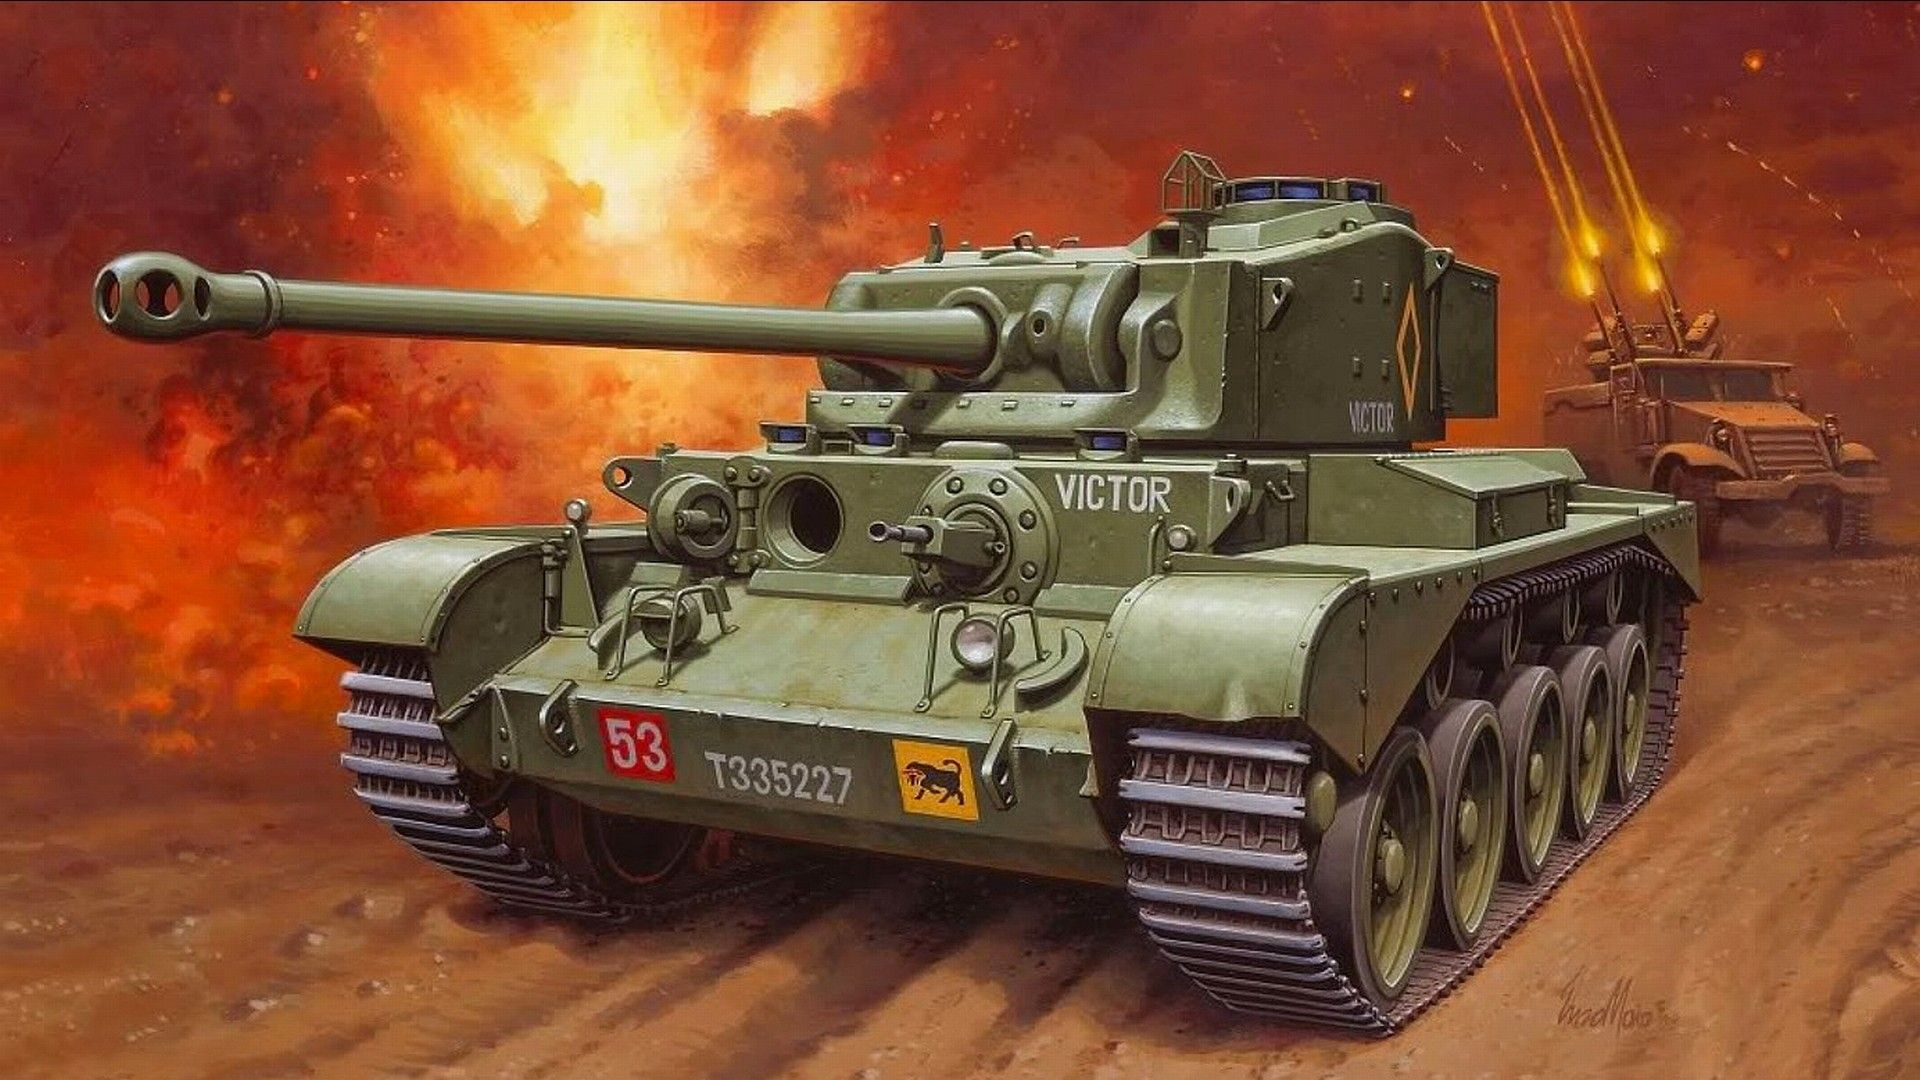 Army Tank Desktop Wallpapers   Top Army Tank Desktop 1920x1080